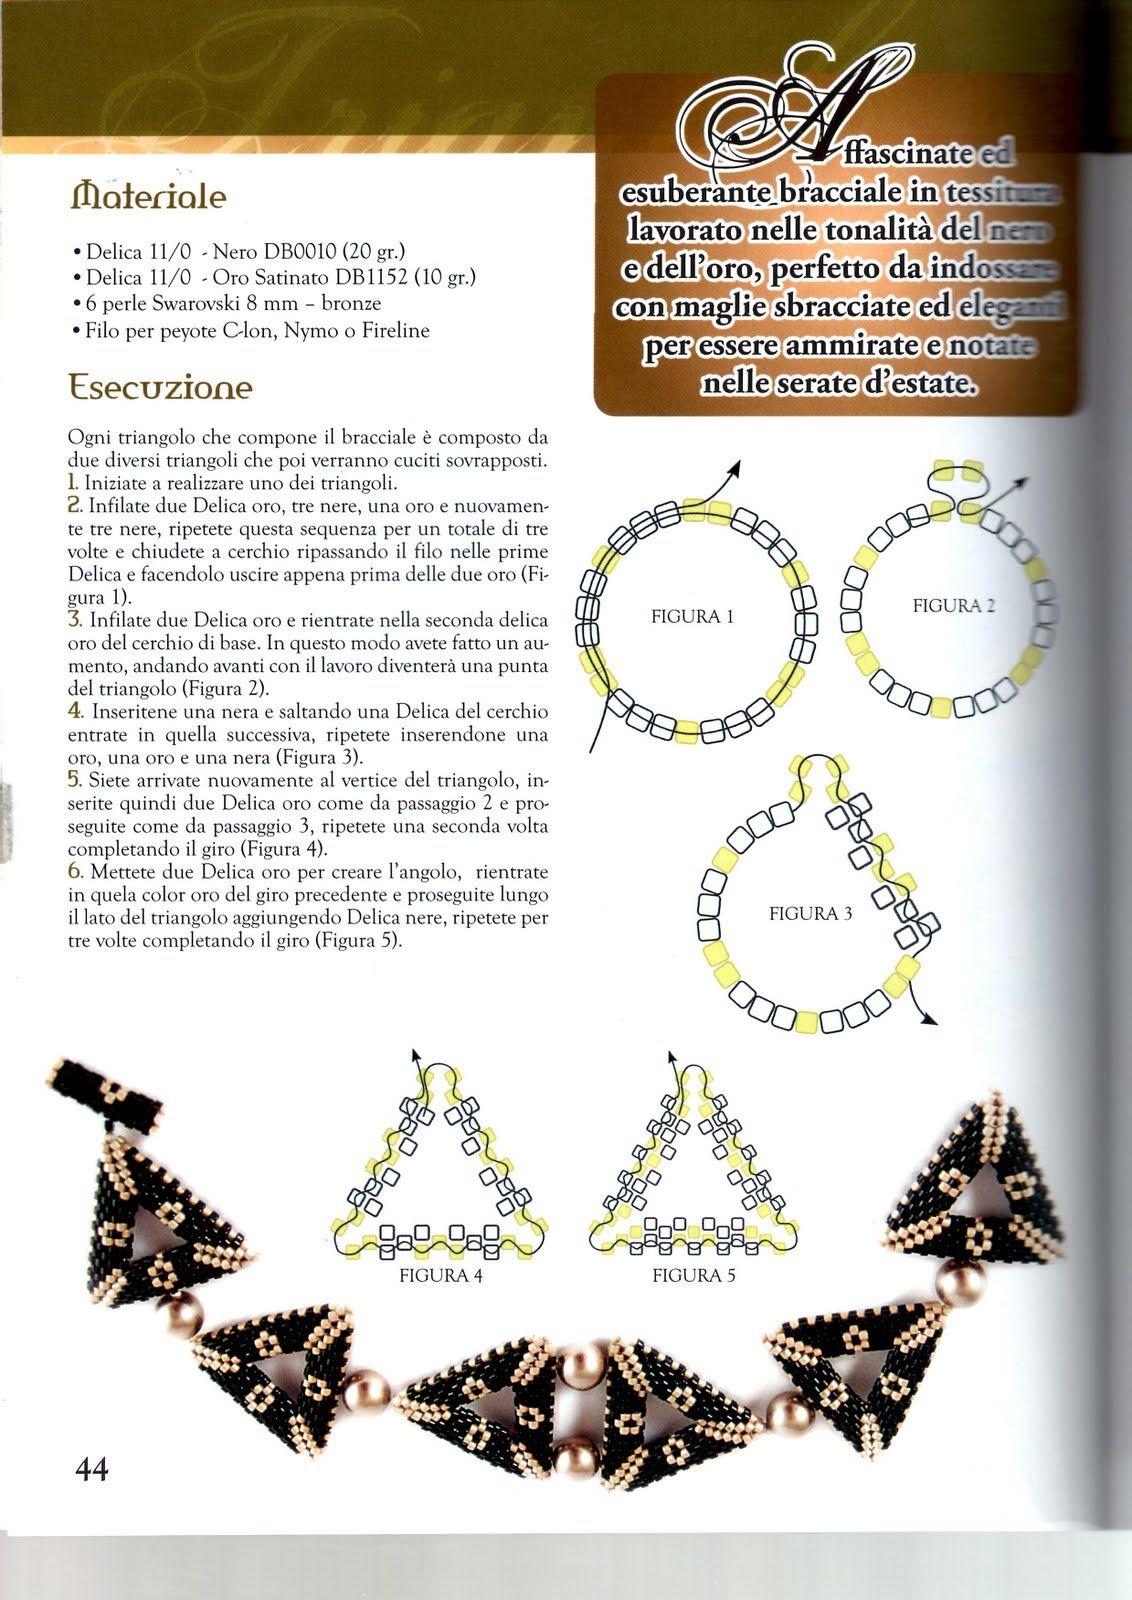 n2.jpg 1,132×1,600픽셀